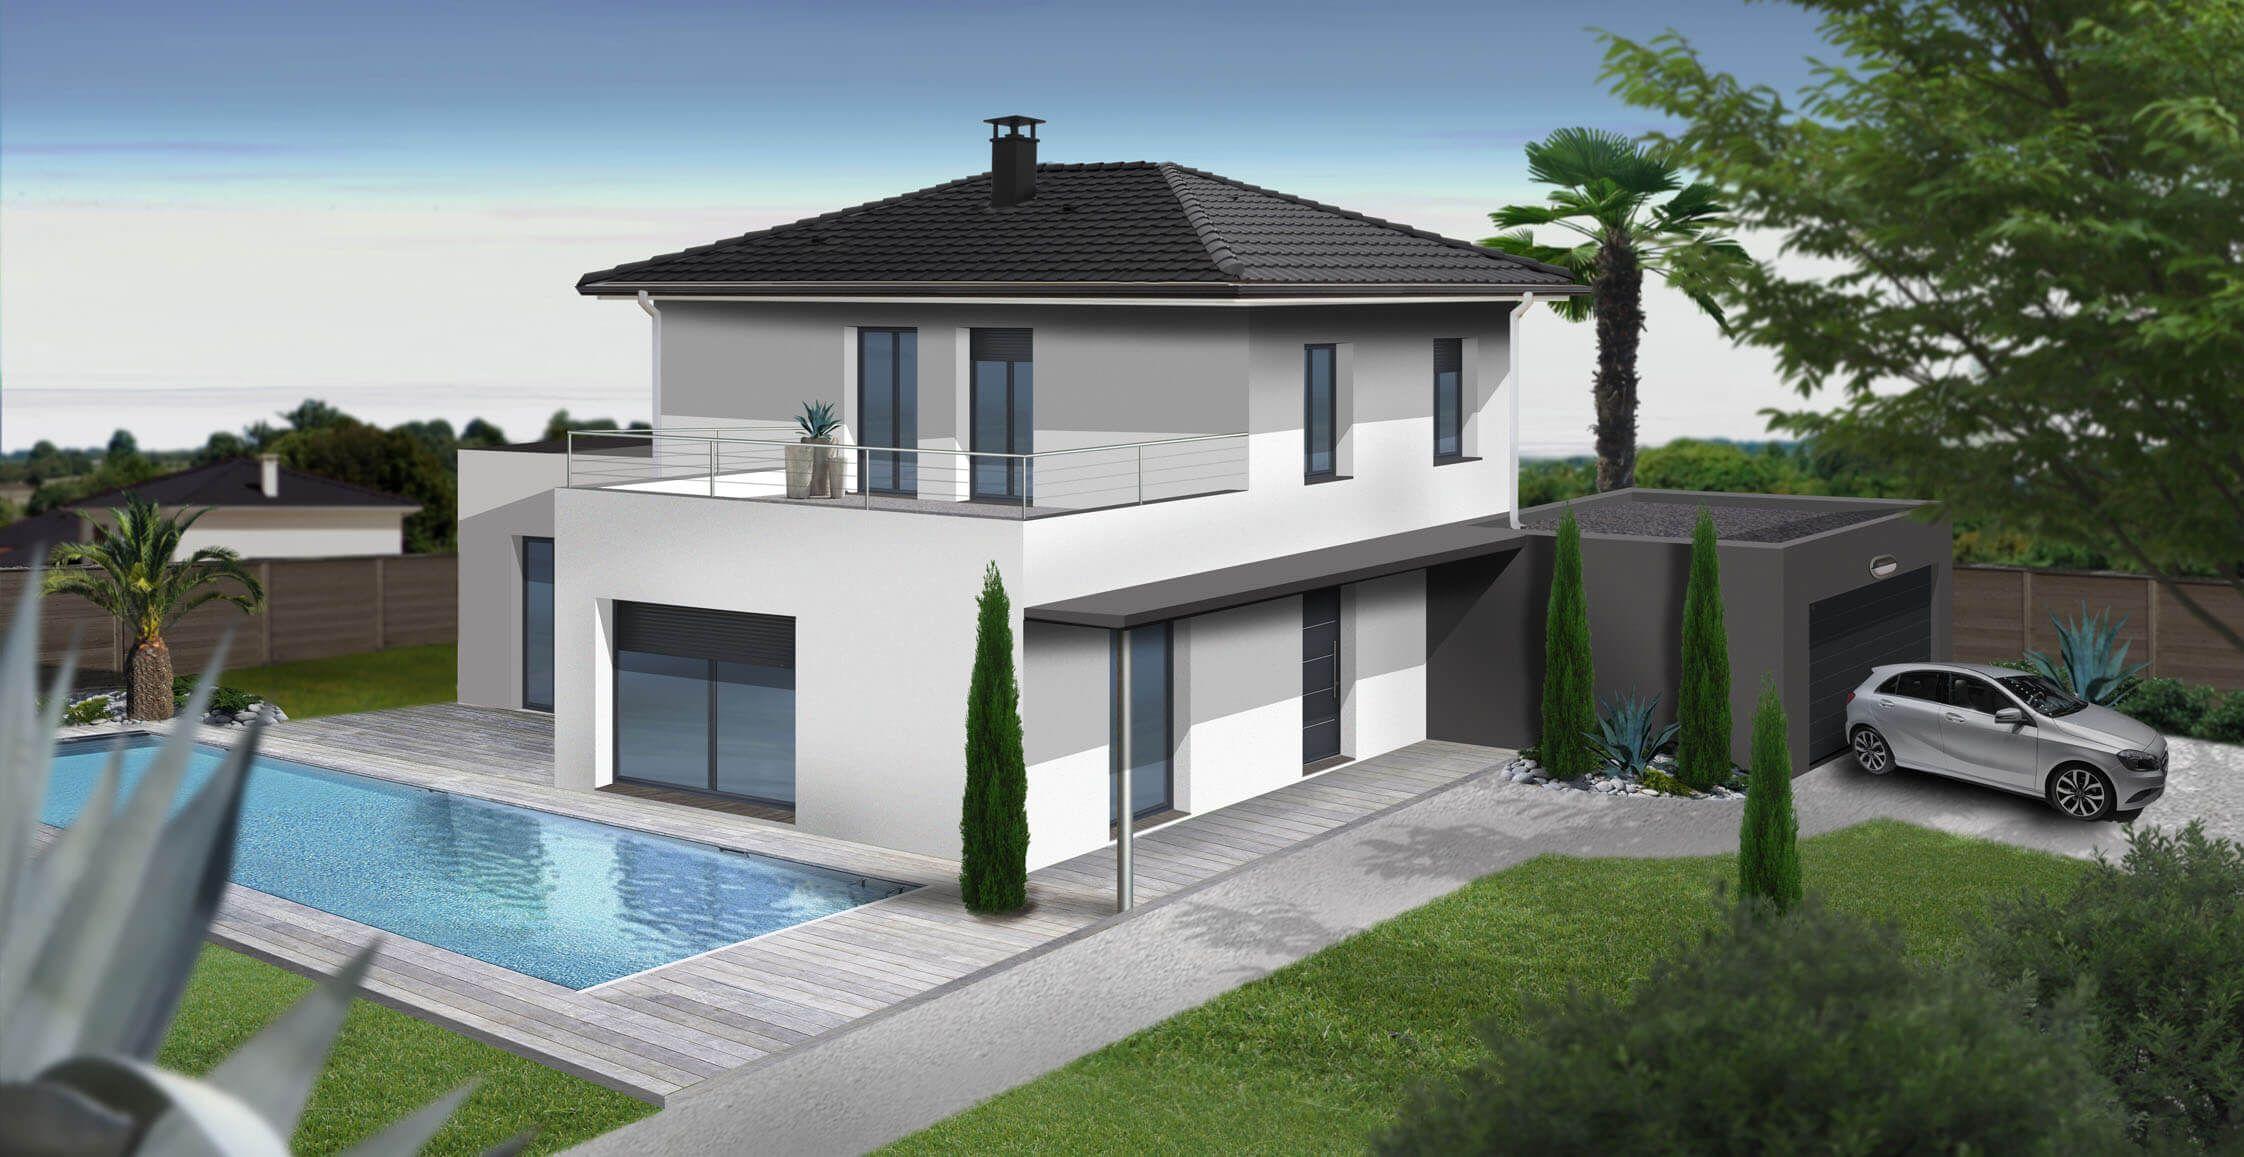 modele maison vydia 4 140 4 chambres 140m2 2 244 1 157 pixels plans architecturaux house